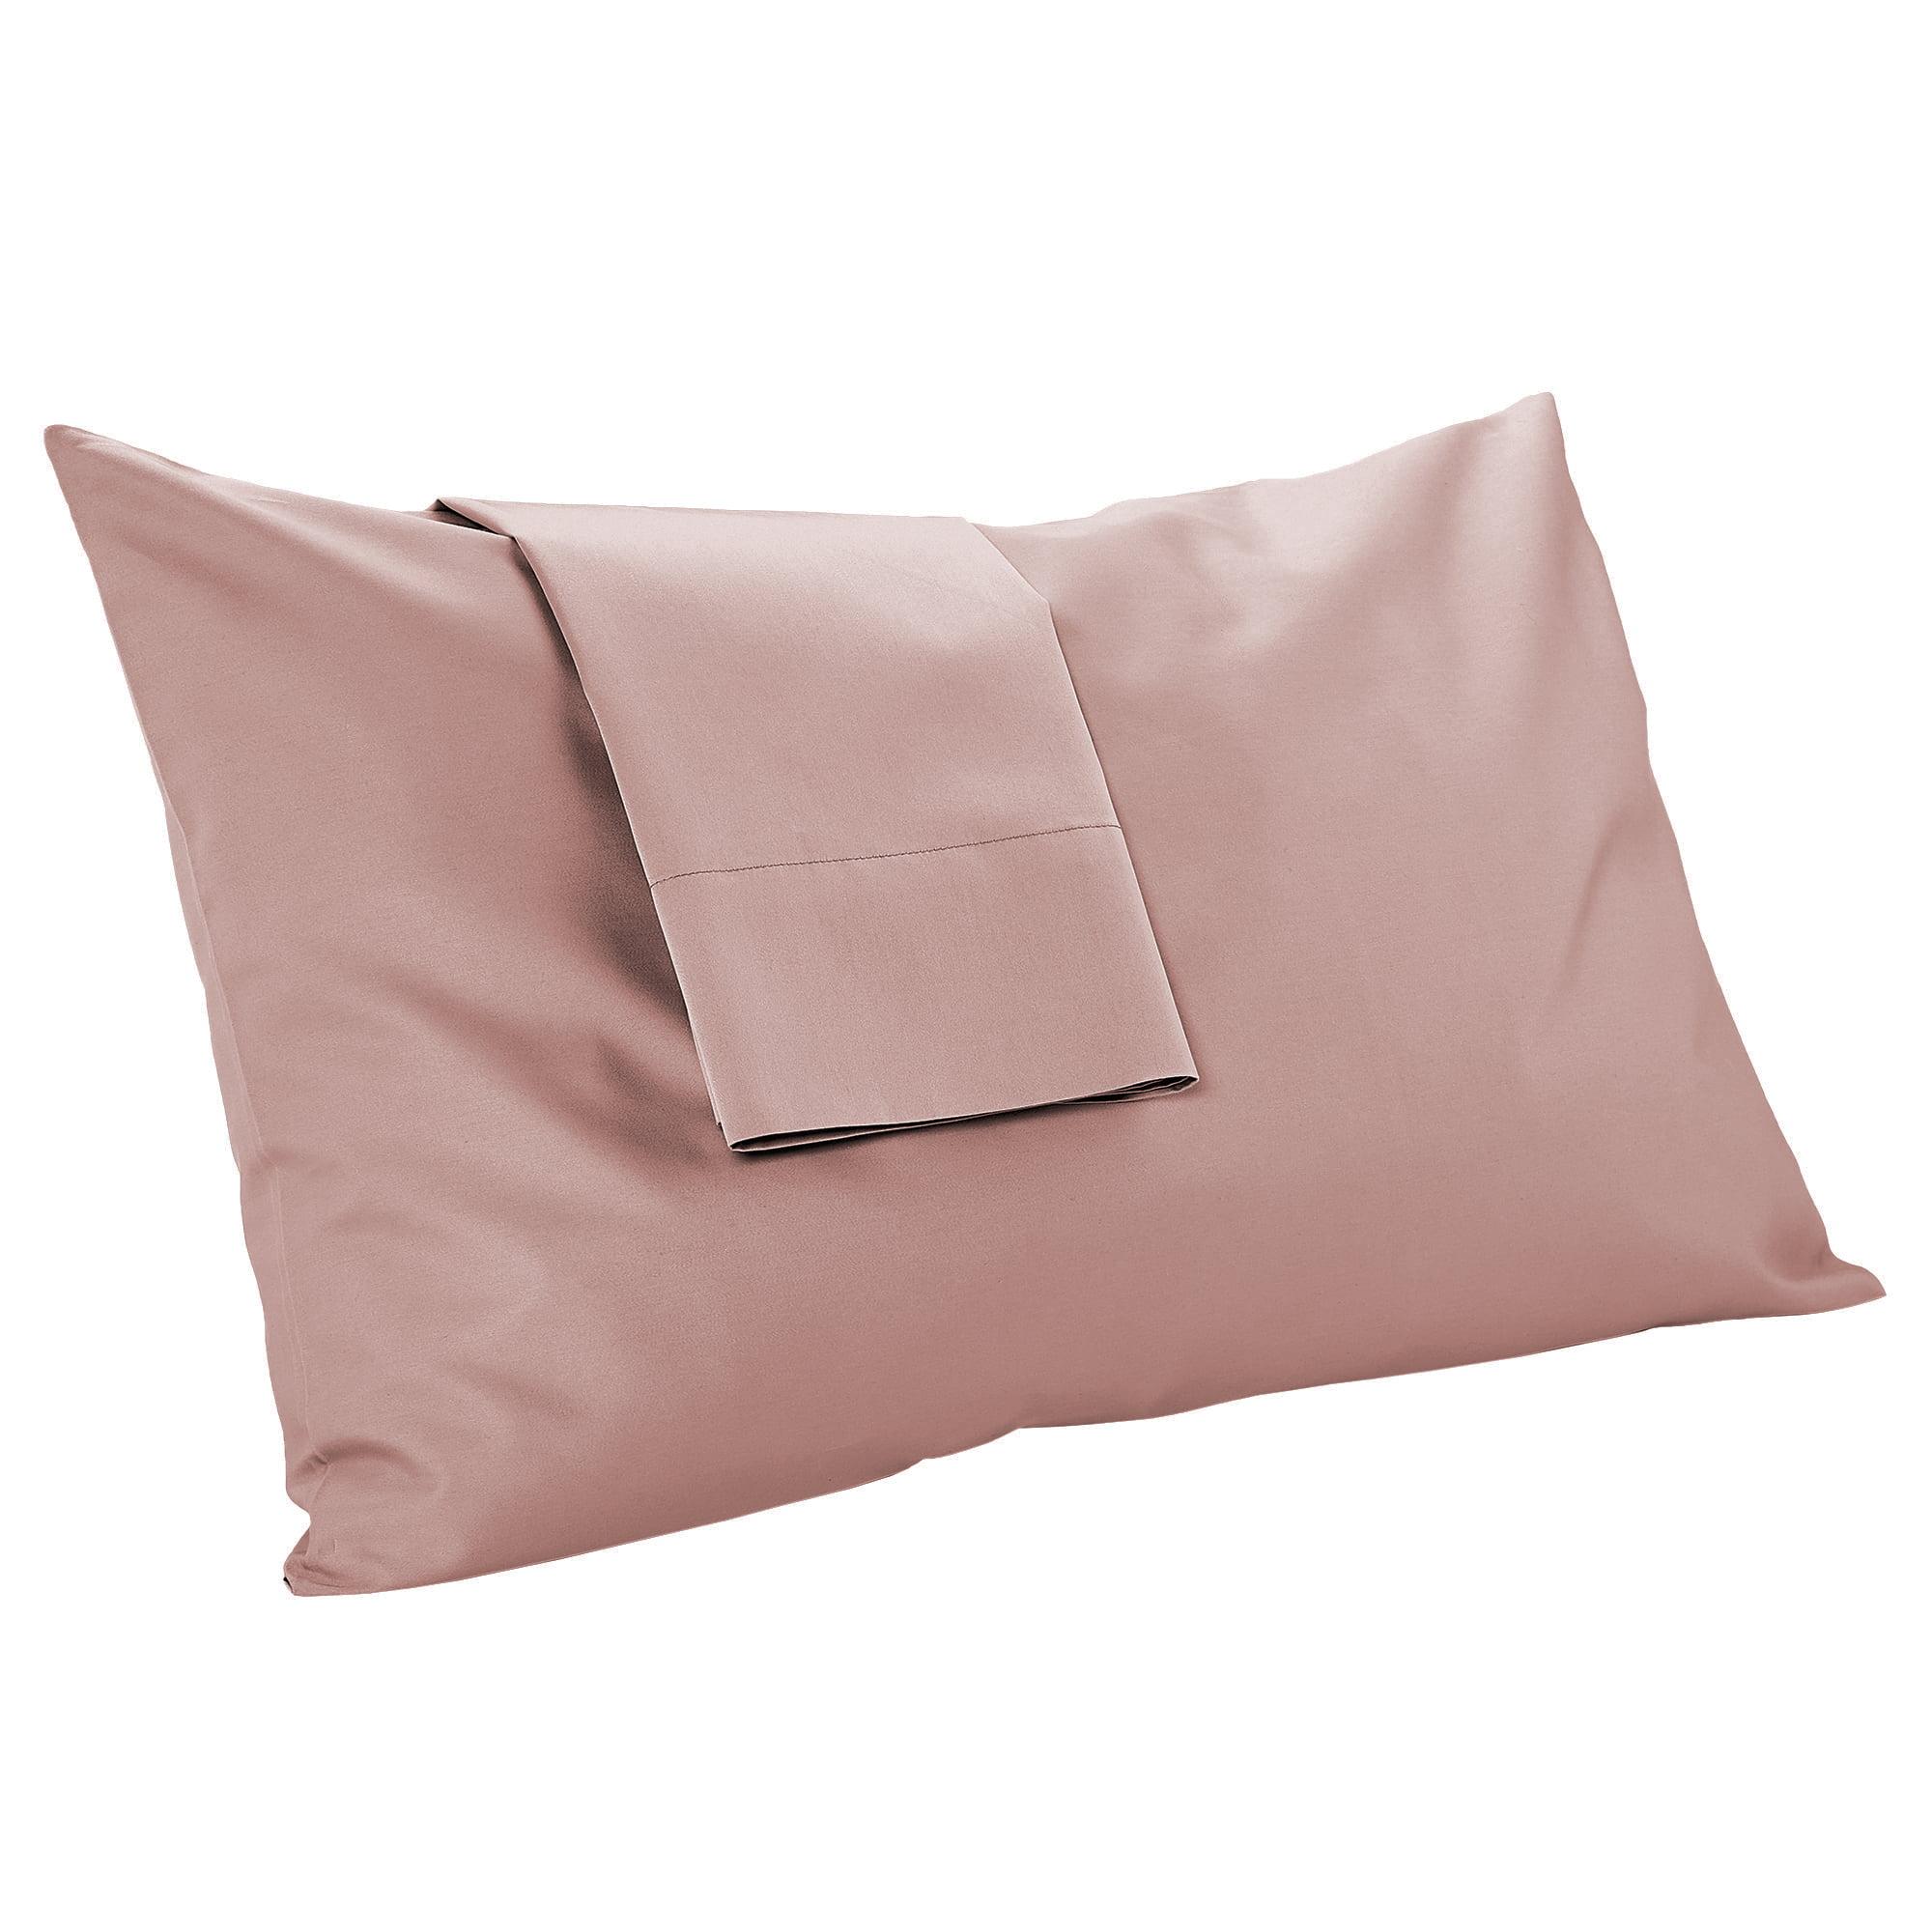 mypillow pillowcase set queen dusty rose long staple egyptian cotton giza dreams